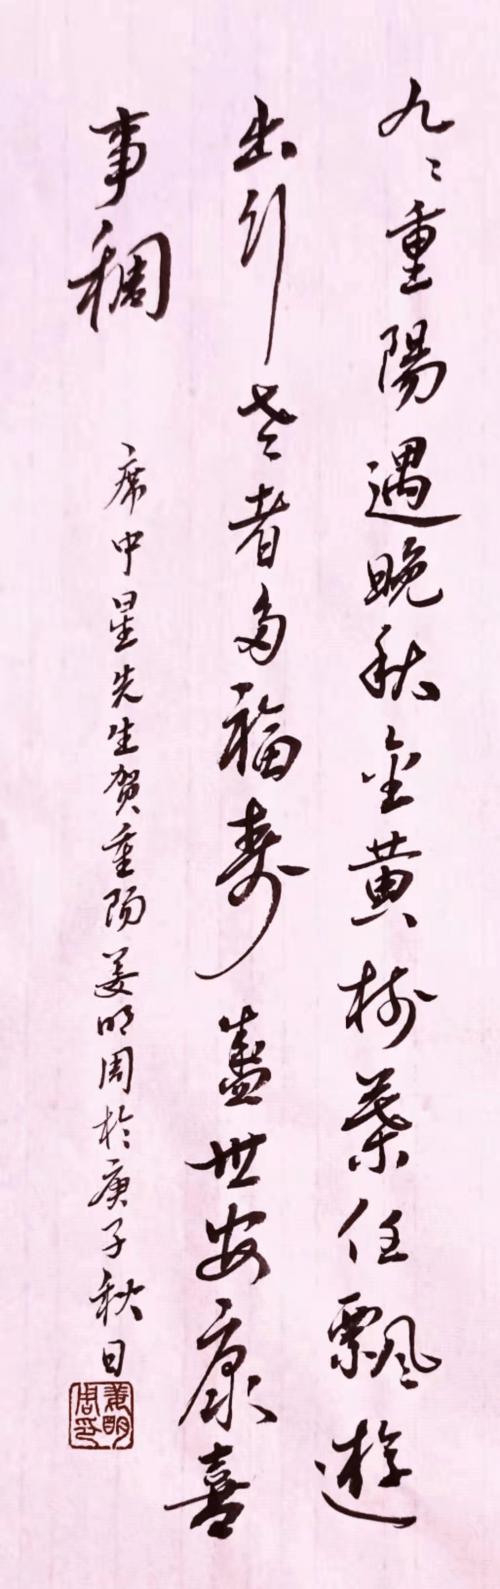 深切哀悼席中星先生仙逝  诗文辑录